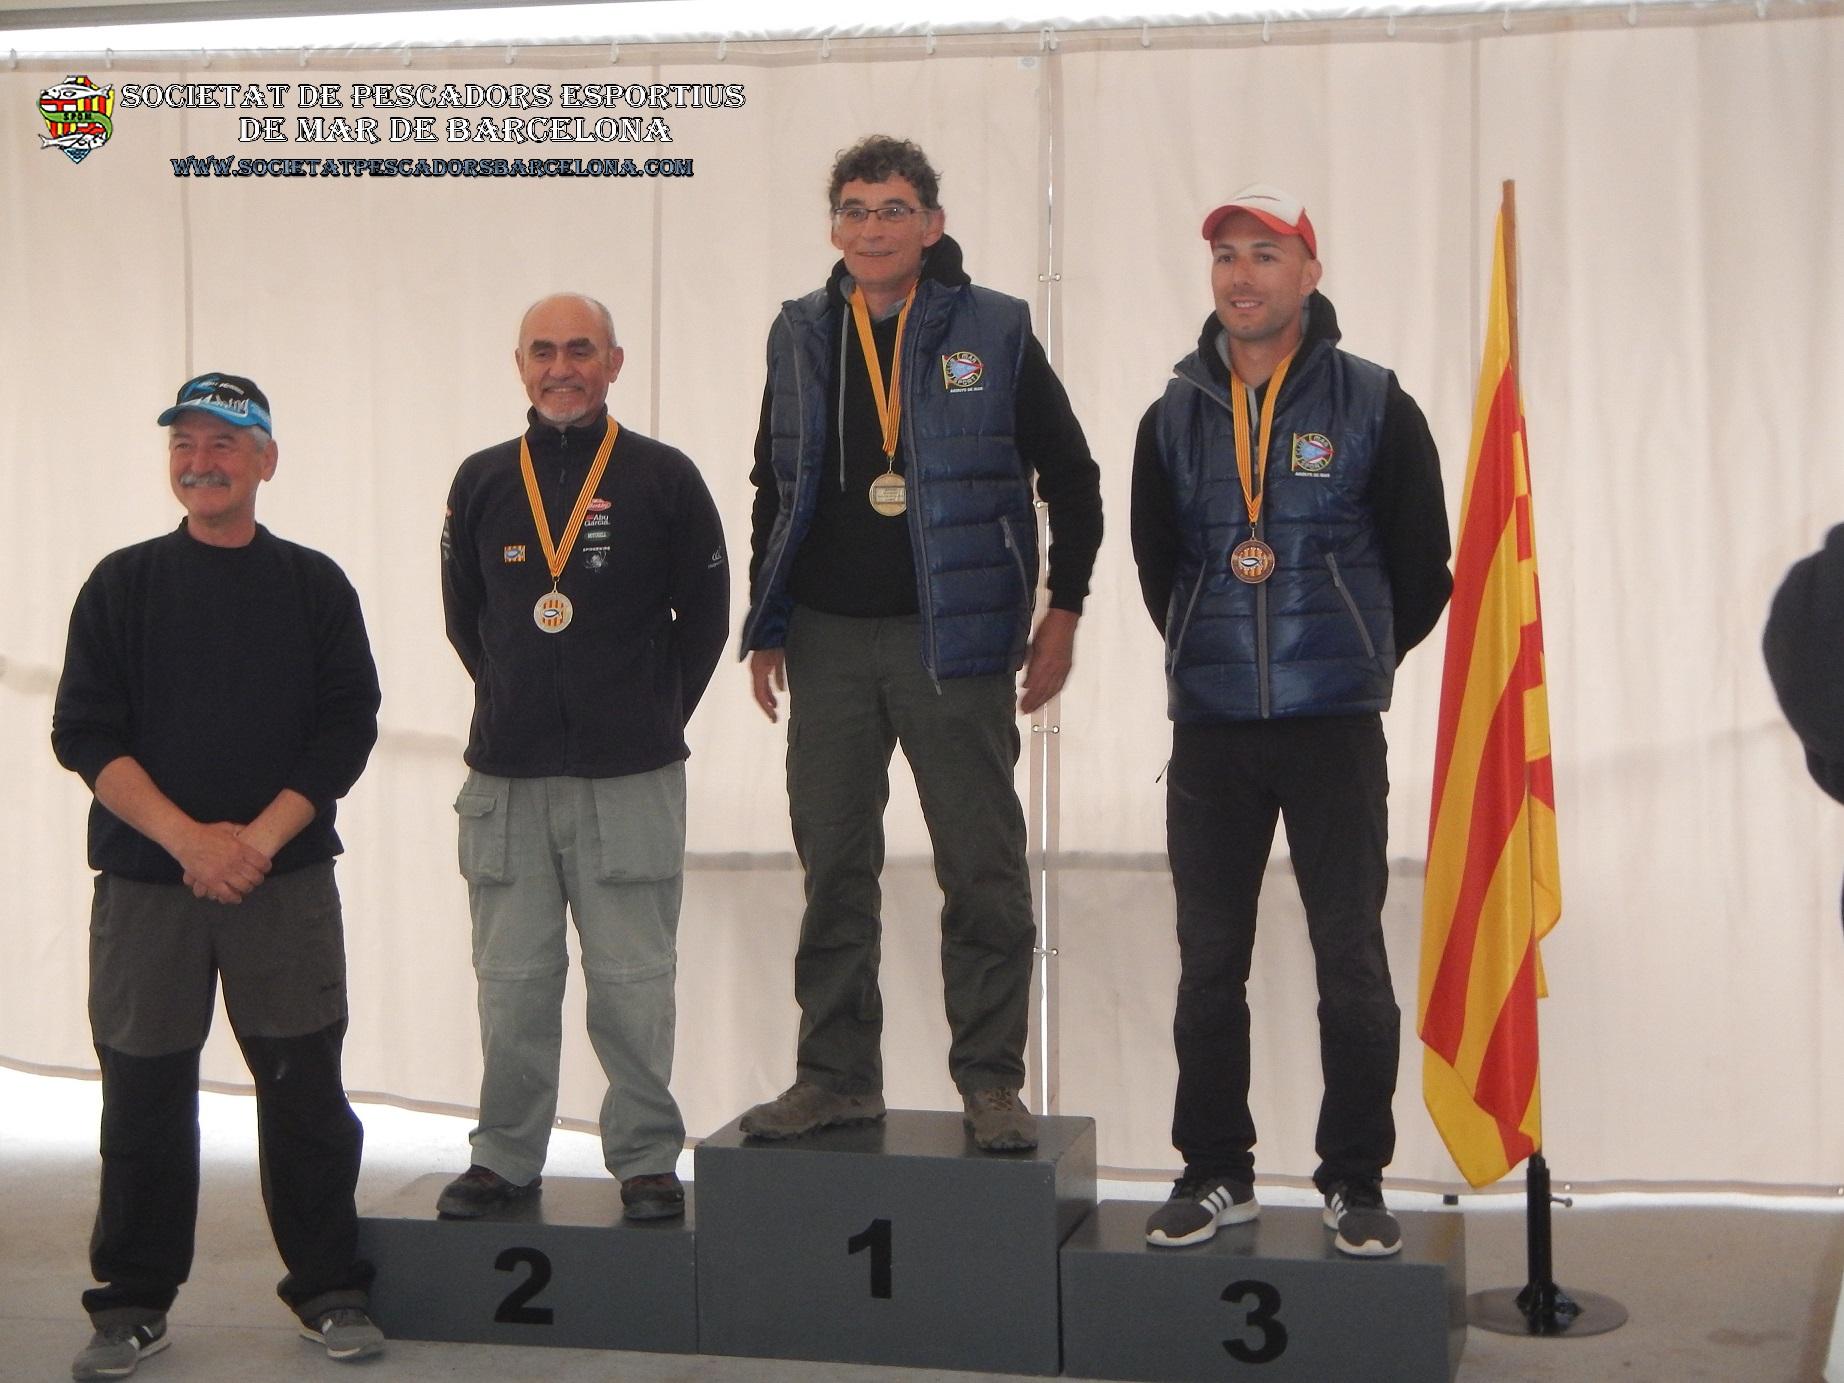 Campionat de Catalunya d'alt nivell - Boia-Mar - Arenys de Mar (04-05-2019)